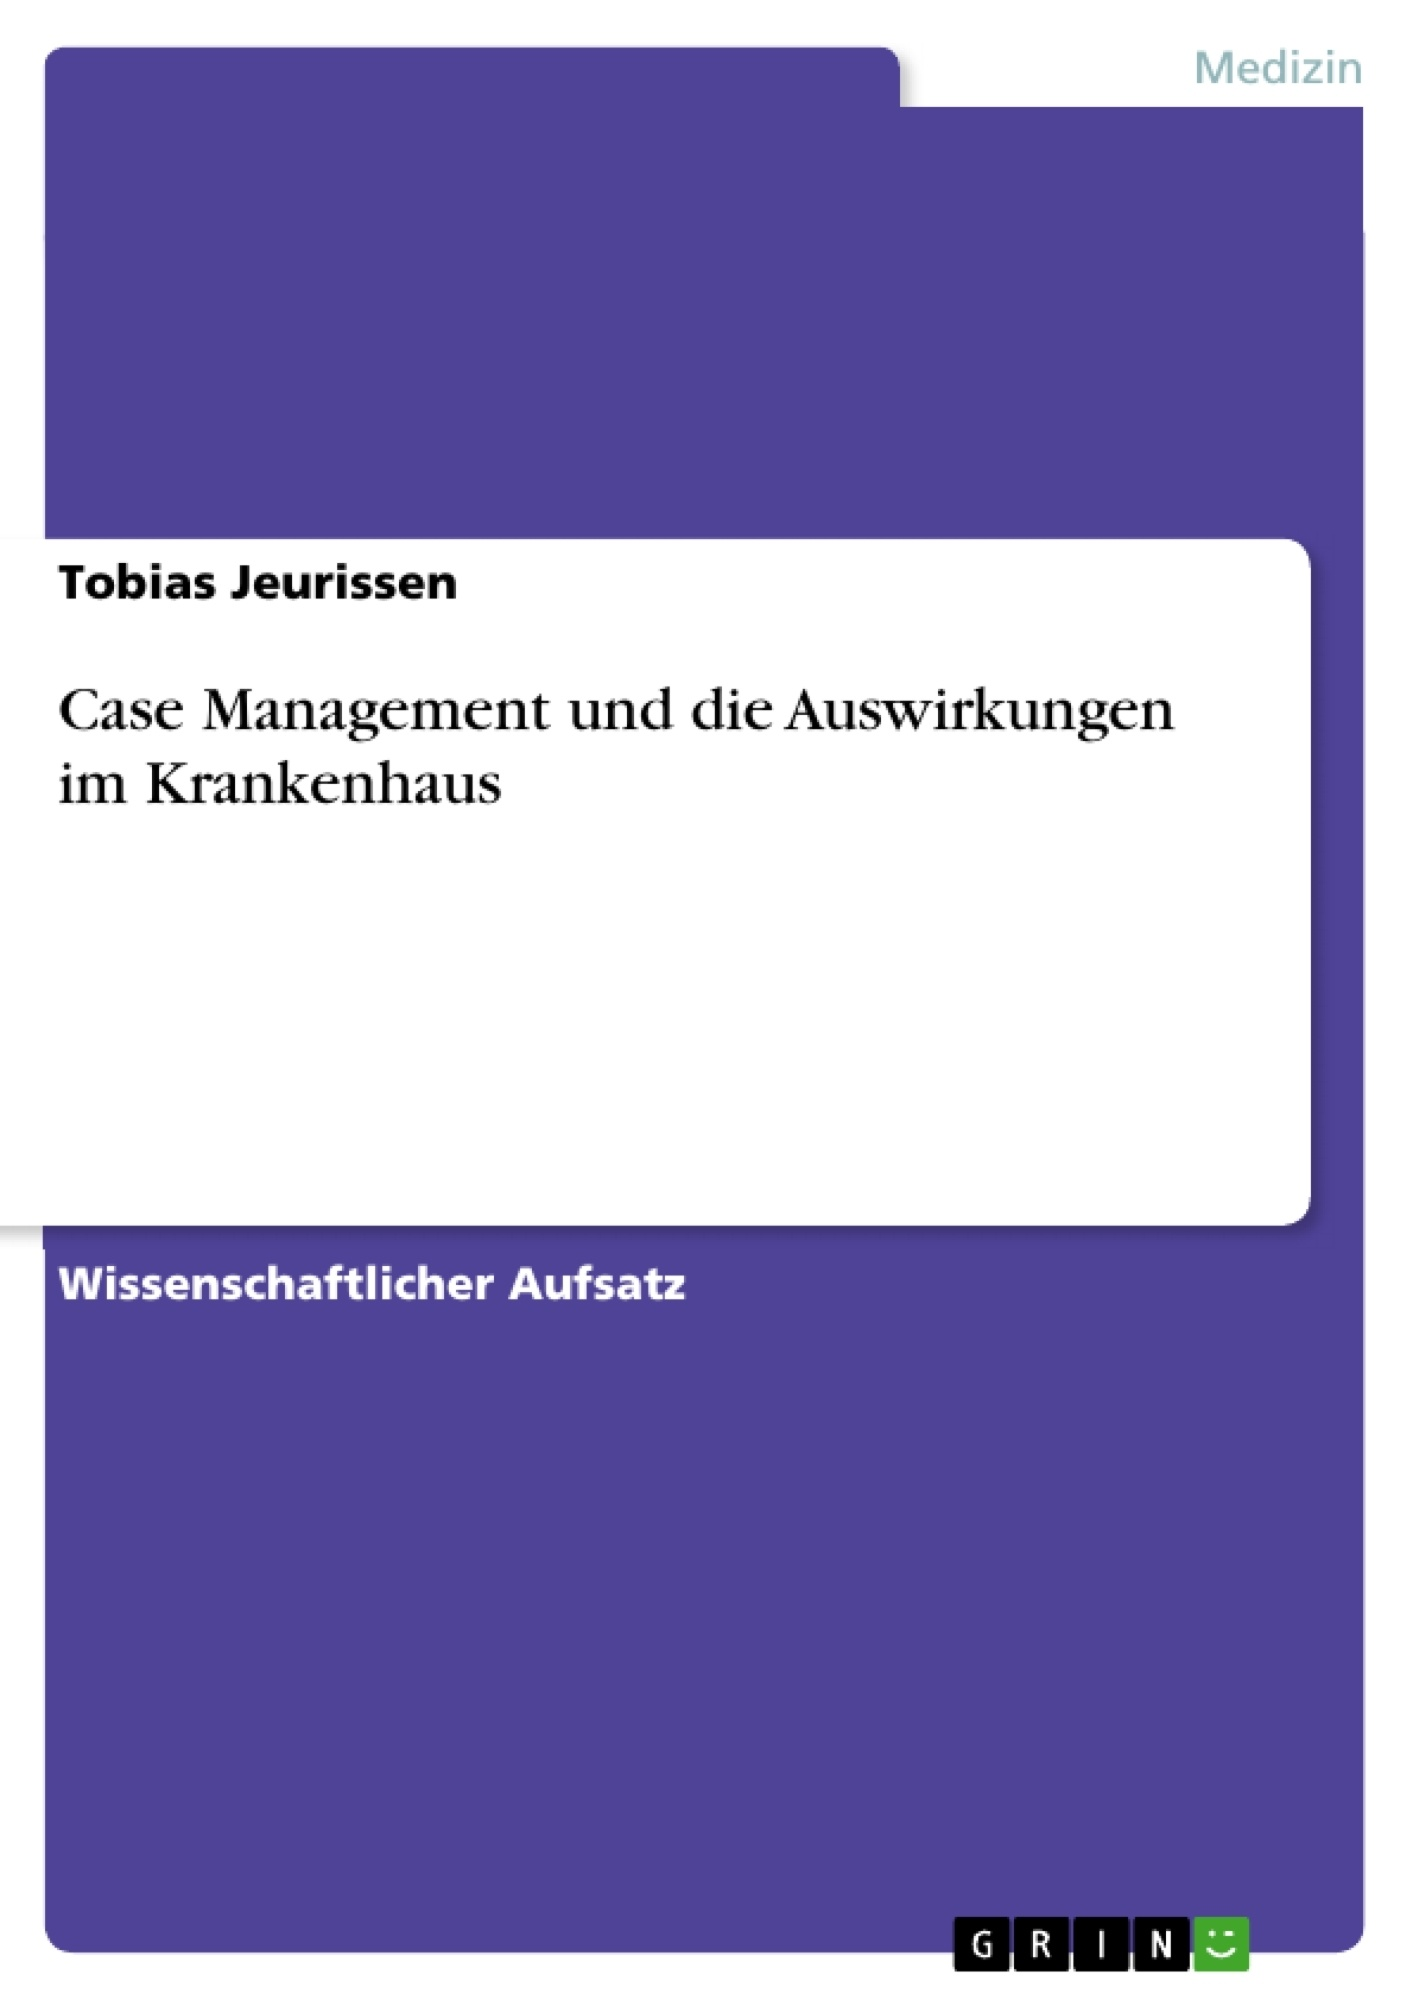 Titel: Case Management und die Auswirkungen im Krankenhaus